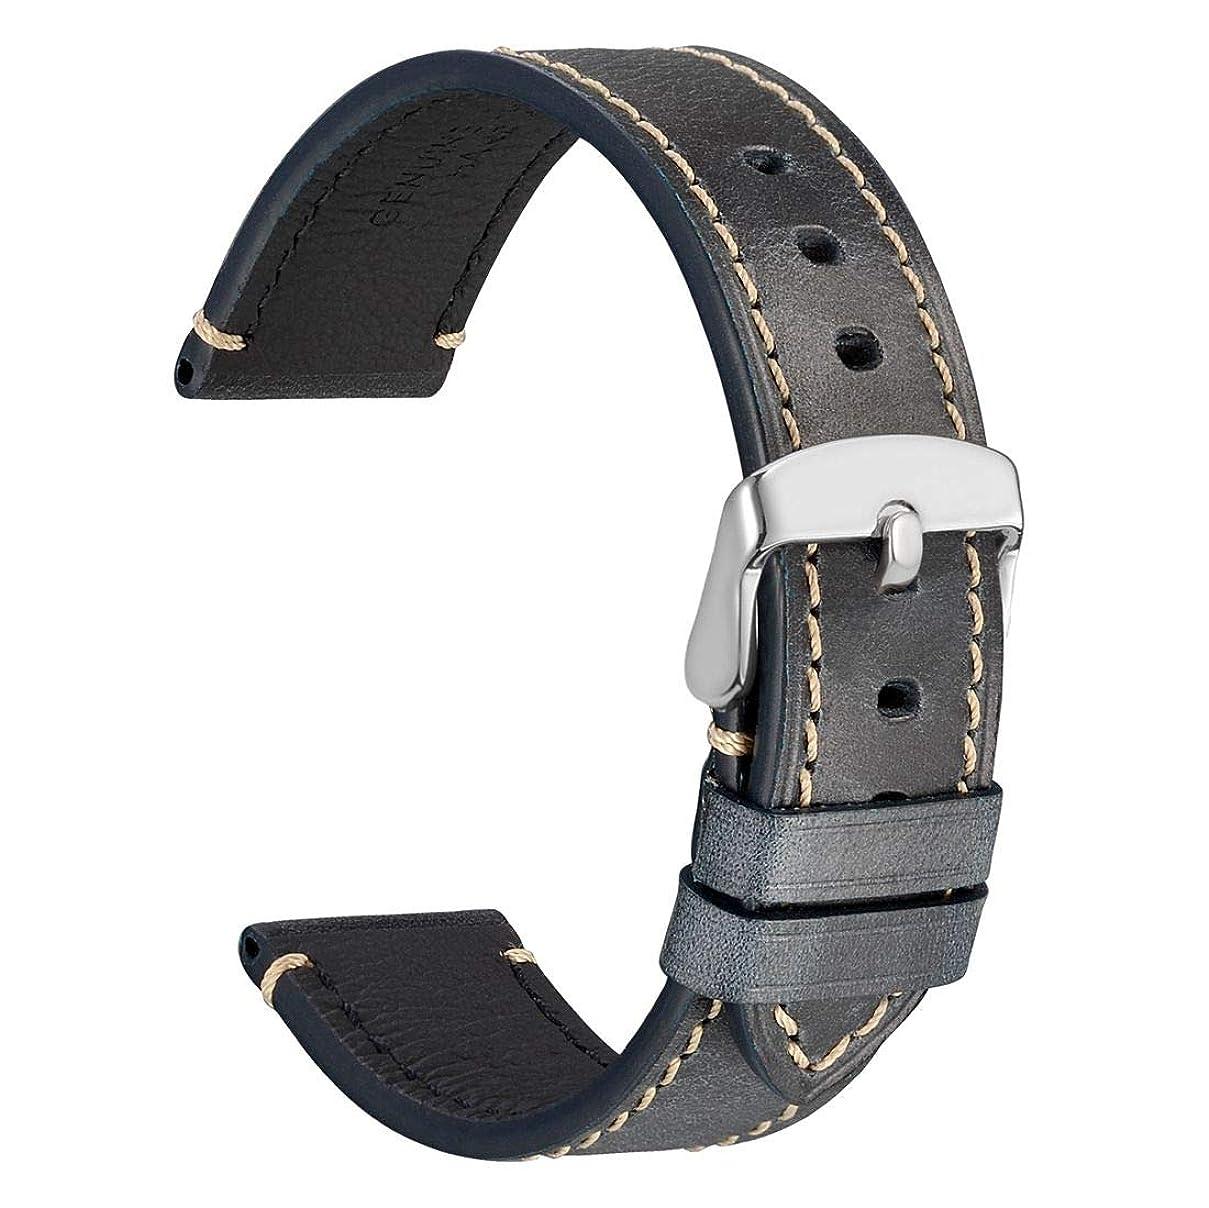 枯渇体操選手スキームSWISS REIMAGINED ウォッチまたはバックルにウォッチバンドを取り付けるためのステンレススチール製のスプリングバーピン(2個1組) - 1.8mm直径